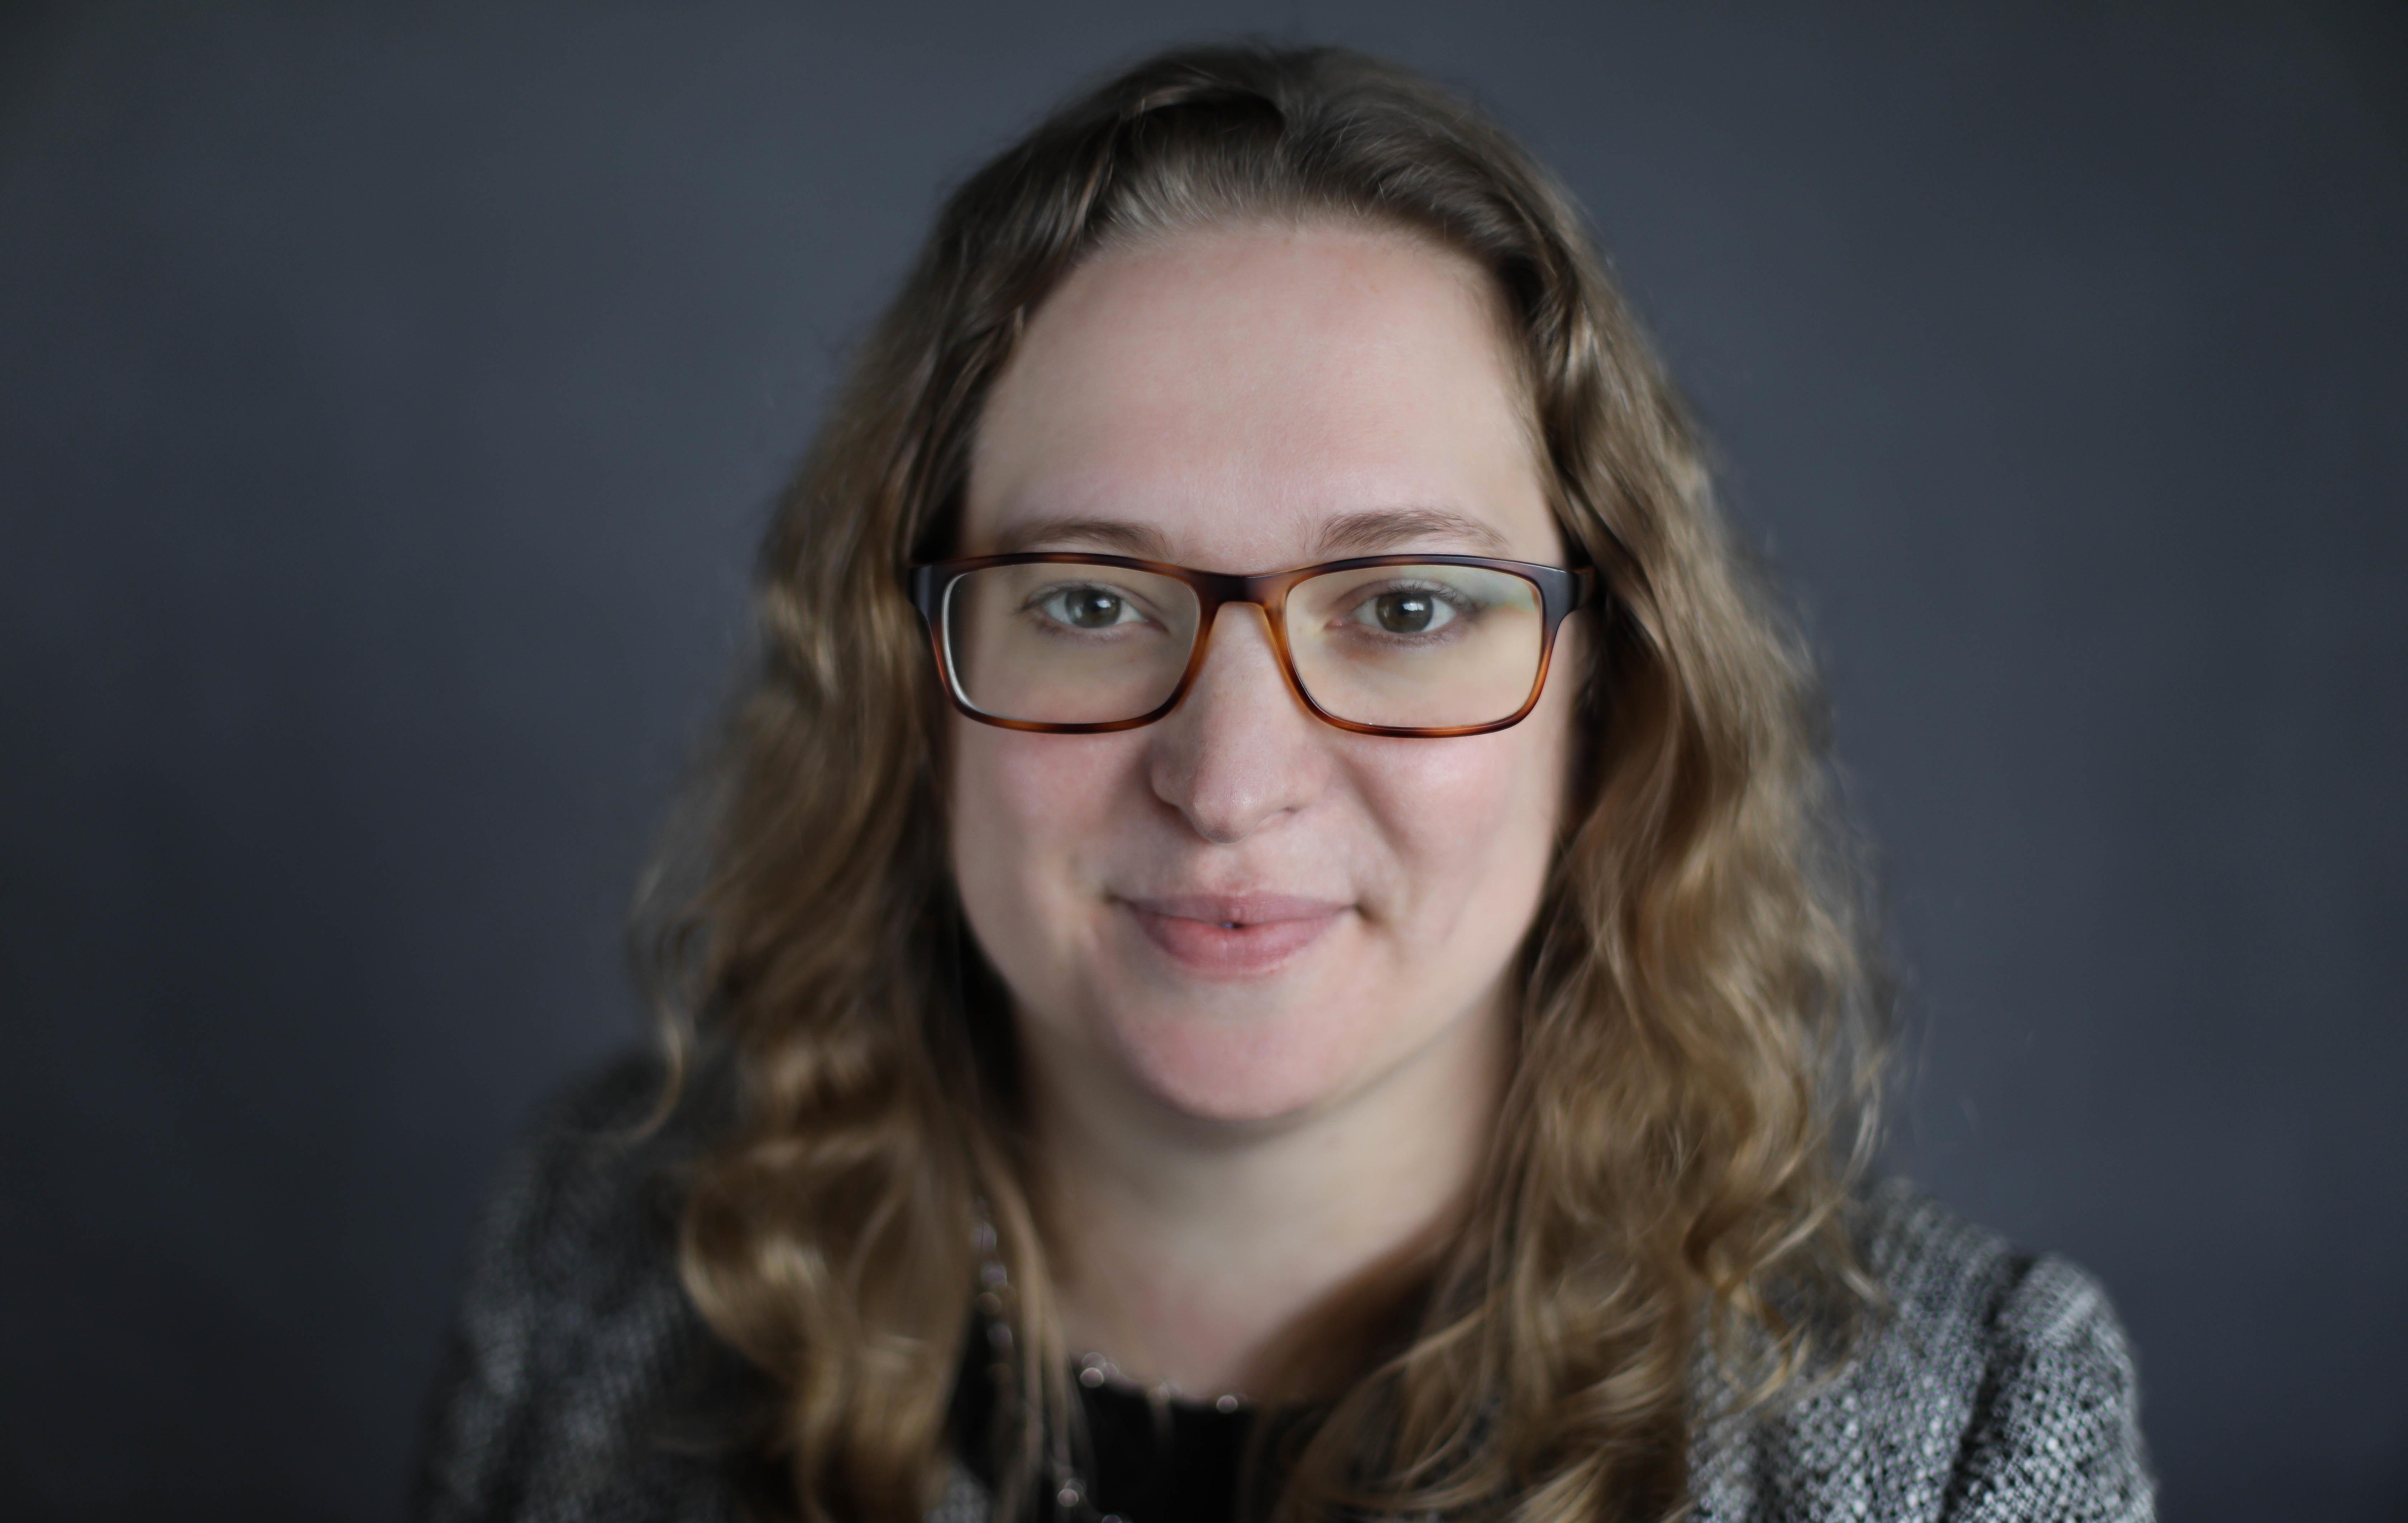 Leah A. Brndjar | Our Team | Goldberg Segalla